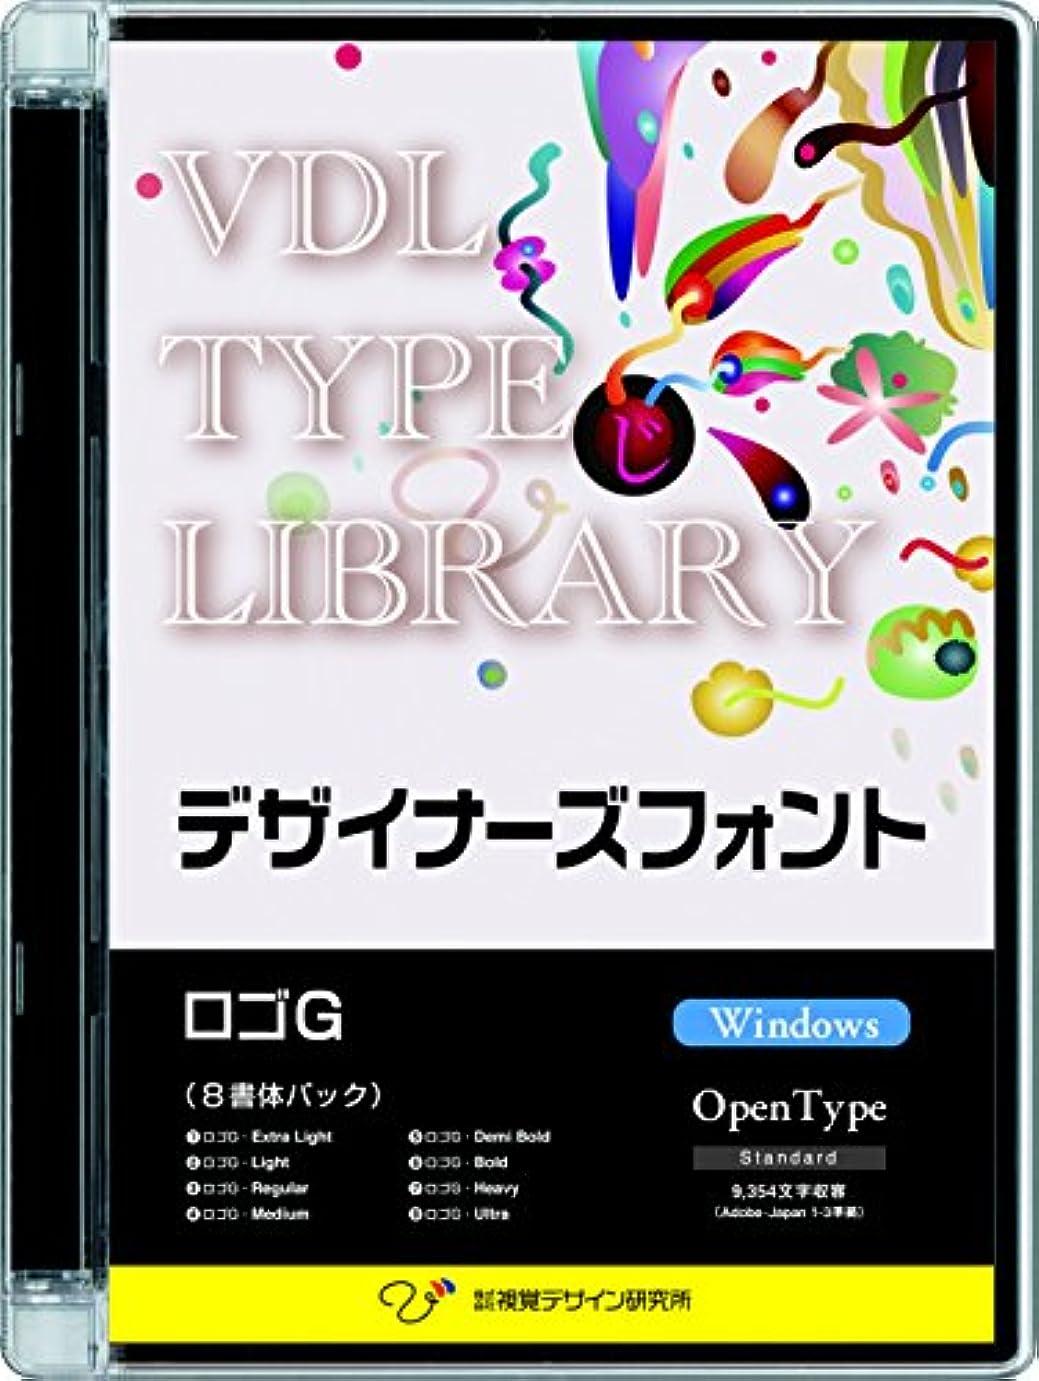 ロシアかわいらしい即席VDL TYPE LIBRARY デザイナーズフォント OpenType (Standard) Windows ロゴG ファミリーパック